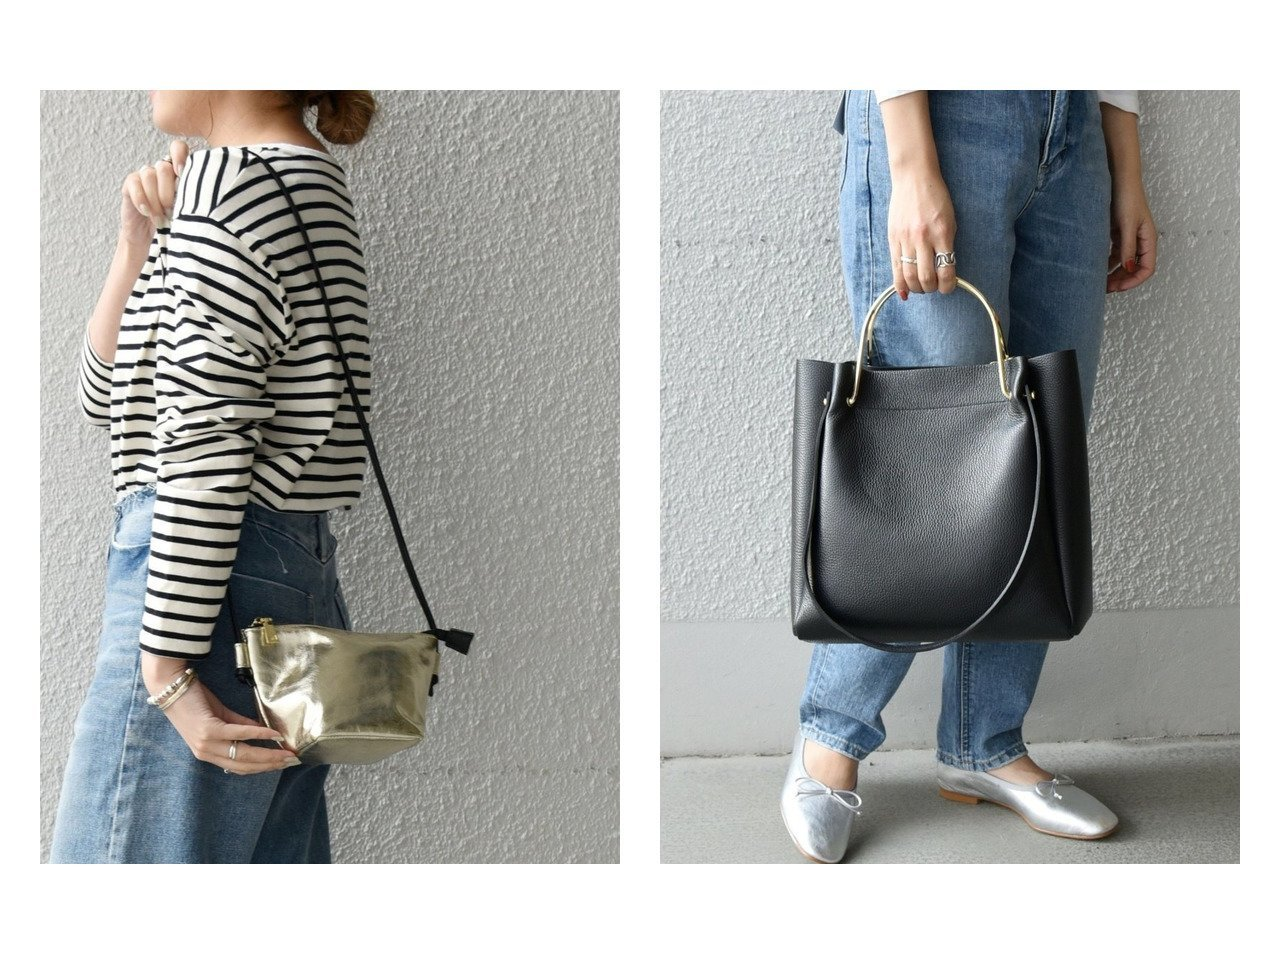 【SHIPS any/シップス エニィ】のMARCO BIANCHINI:ゴールドカラーハンドル2WAYバッグ&SHIPS any: メタリック レザー ショルダーバッグ バッグ・鞄のおすすめ!人気、トレンド・レディースファッションの通販  おすすめで人気の流行・トレンド、ファッションの通販商品 メンズファッション・キッズファッション・インテリア・家具・レディースファッション・服の通販 founy(ファニー) https://founy.com/ ファッション Fashion レディースファッション WOMEN バッグ Bag ショルダー シルバー シンプル ハンドバッグ メタリック フォルム ポーチ |ID:crp329100000009898